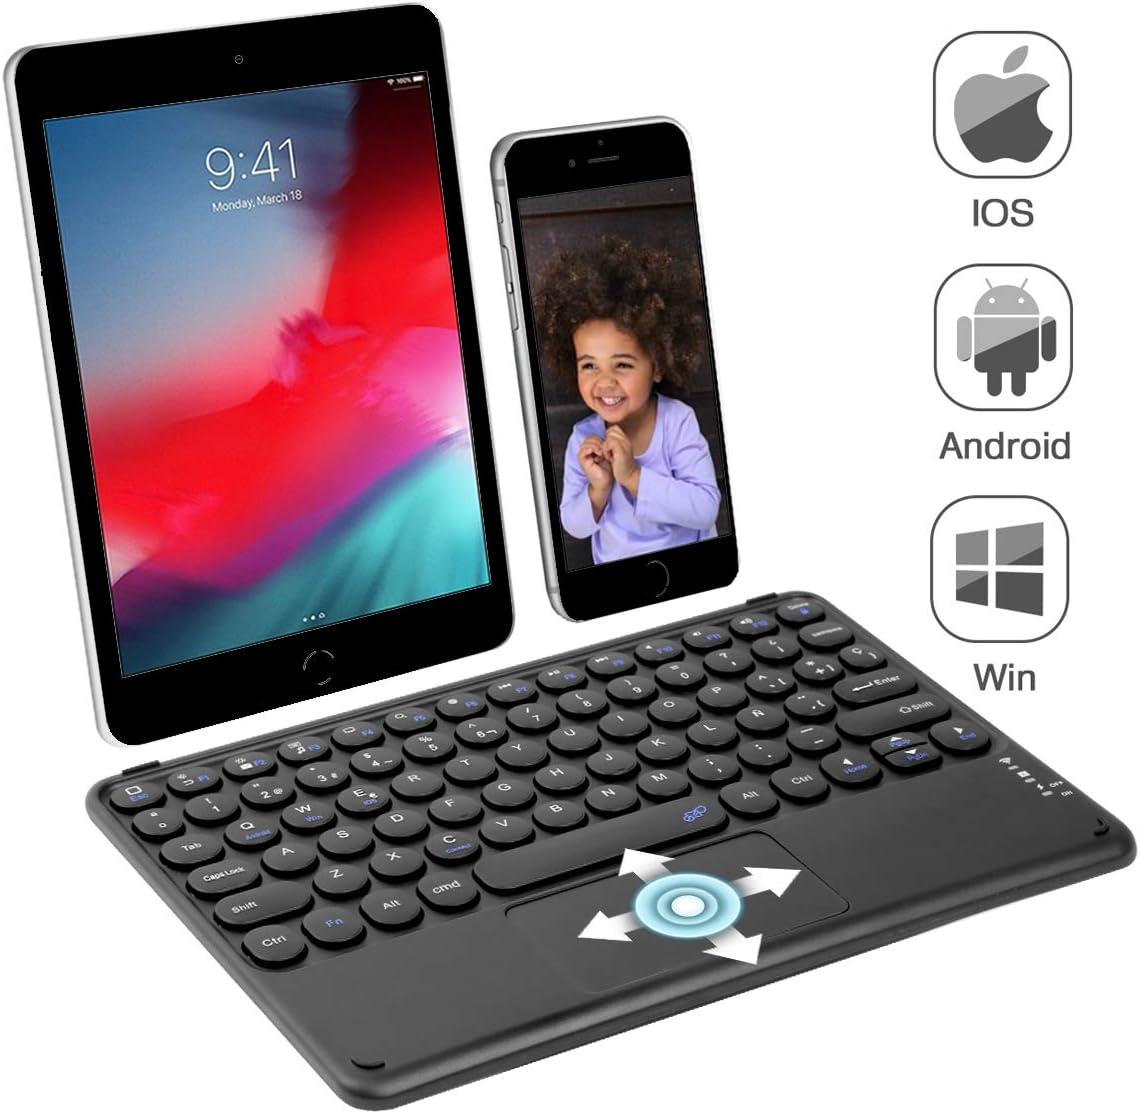 KOOCHUWAH Teclado Bluetooth con Touchpad QWERTY Español para Cualquier Sistemas Operativos iOS Android Windows, Compatible con iPad Galaxy Tab Tablets ...